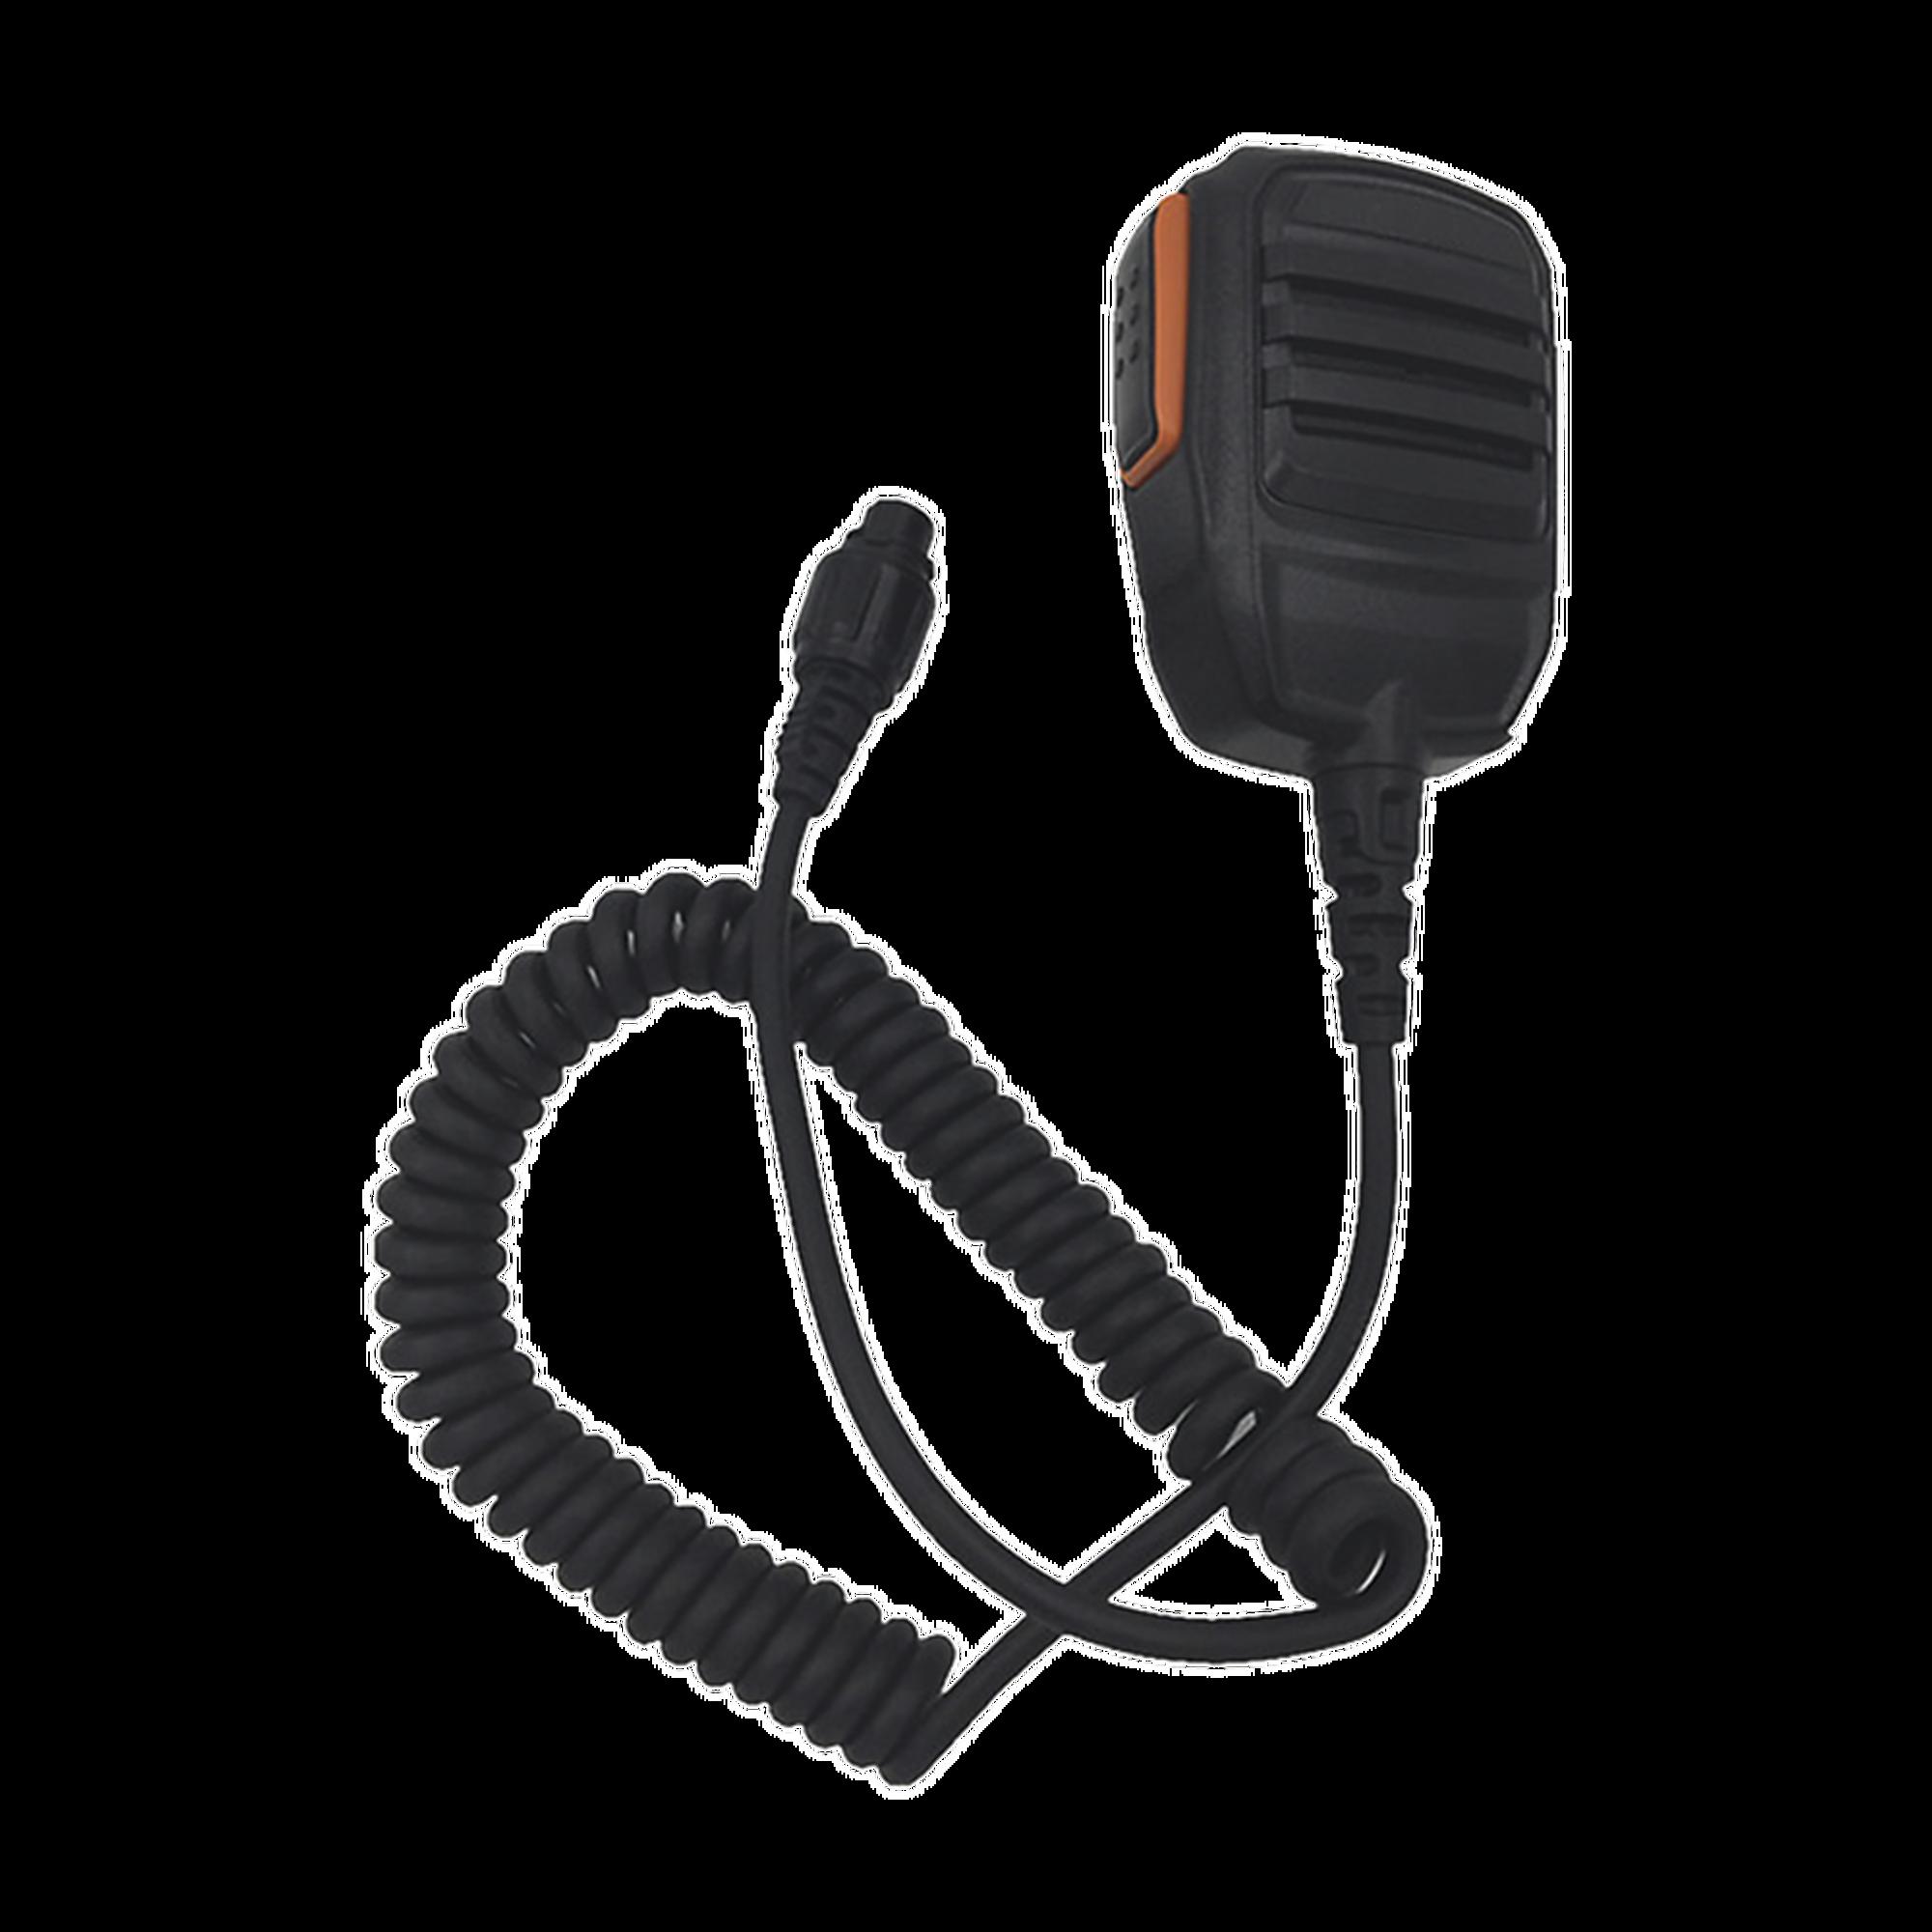 Micrófono de conector redondo para radio móvil HYT  MD760/ 780/ 786.